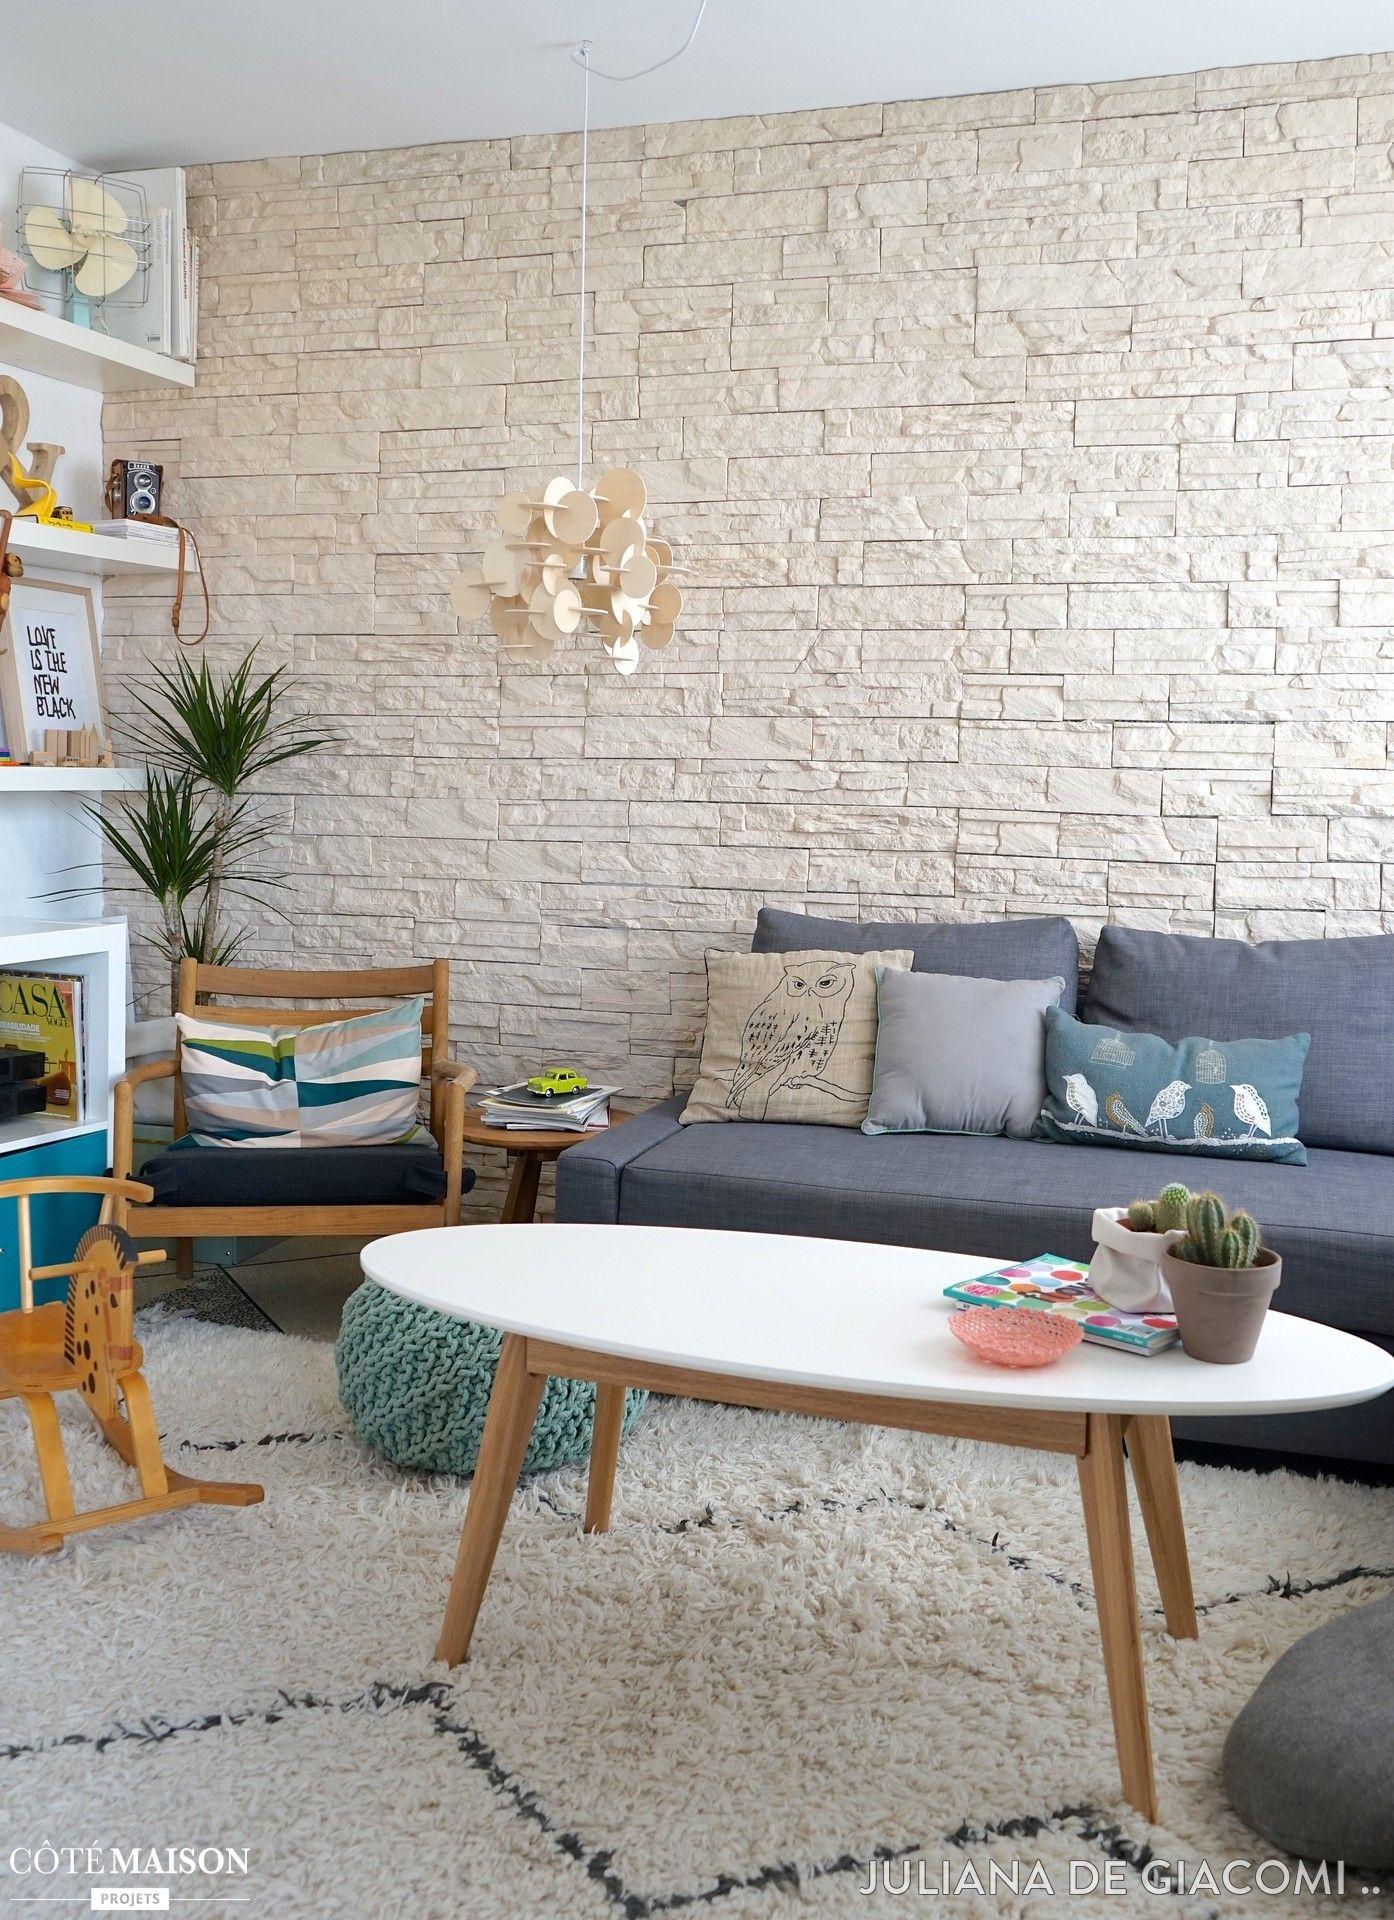 cote maison deco rnovation du0027un appartement lyon dominique lapassat ct maison dco. Black Bedroom Furniture Sets. Home Design Ideas